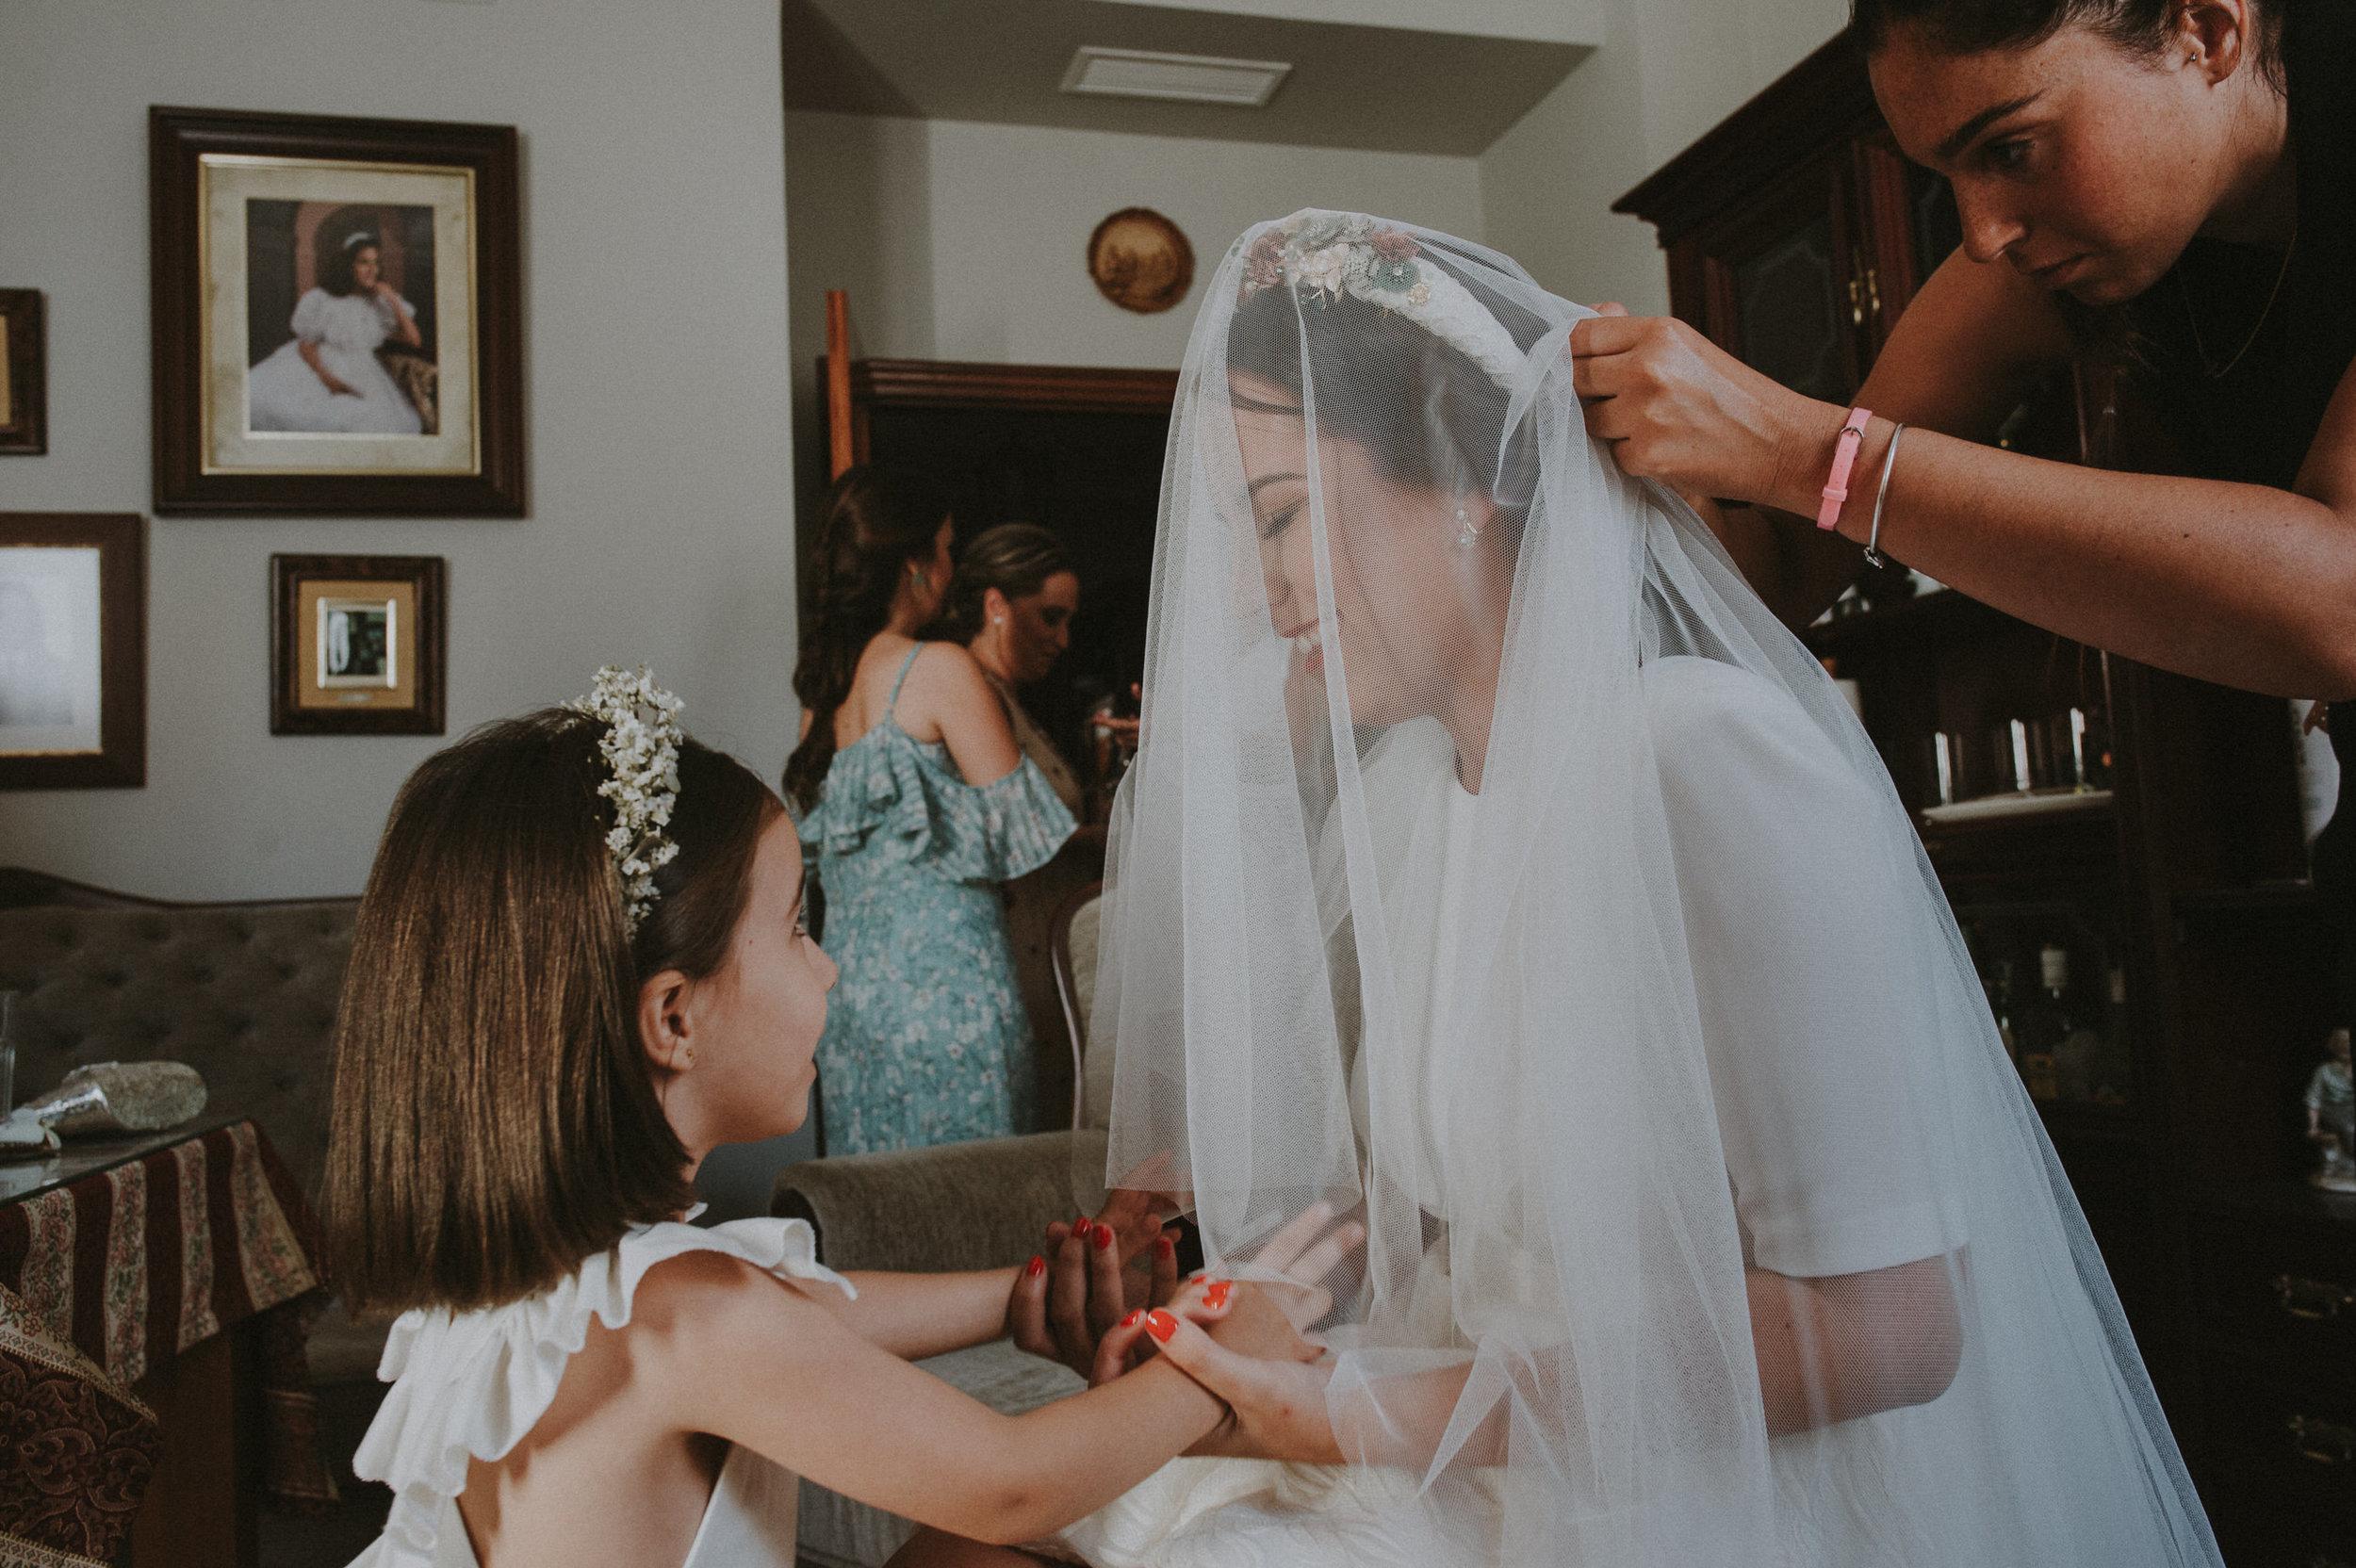 Rocío & Antonio - Boda en Consolación y Rovira Utrera - fotógrafo Andrés Amarillo  (10).JPG